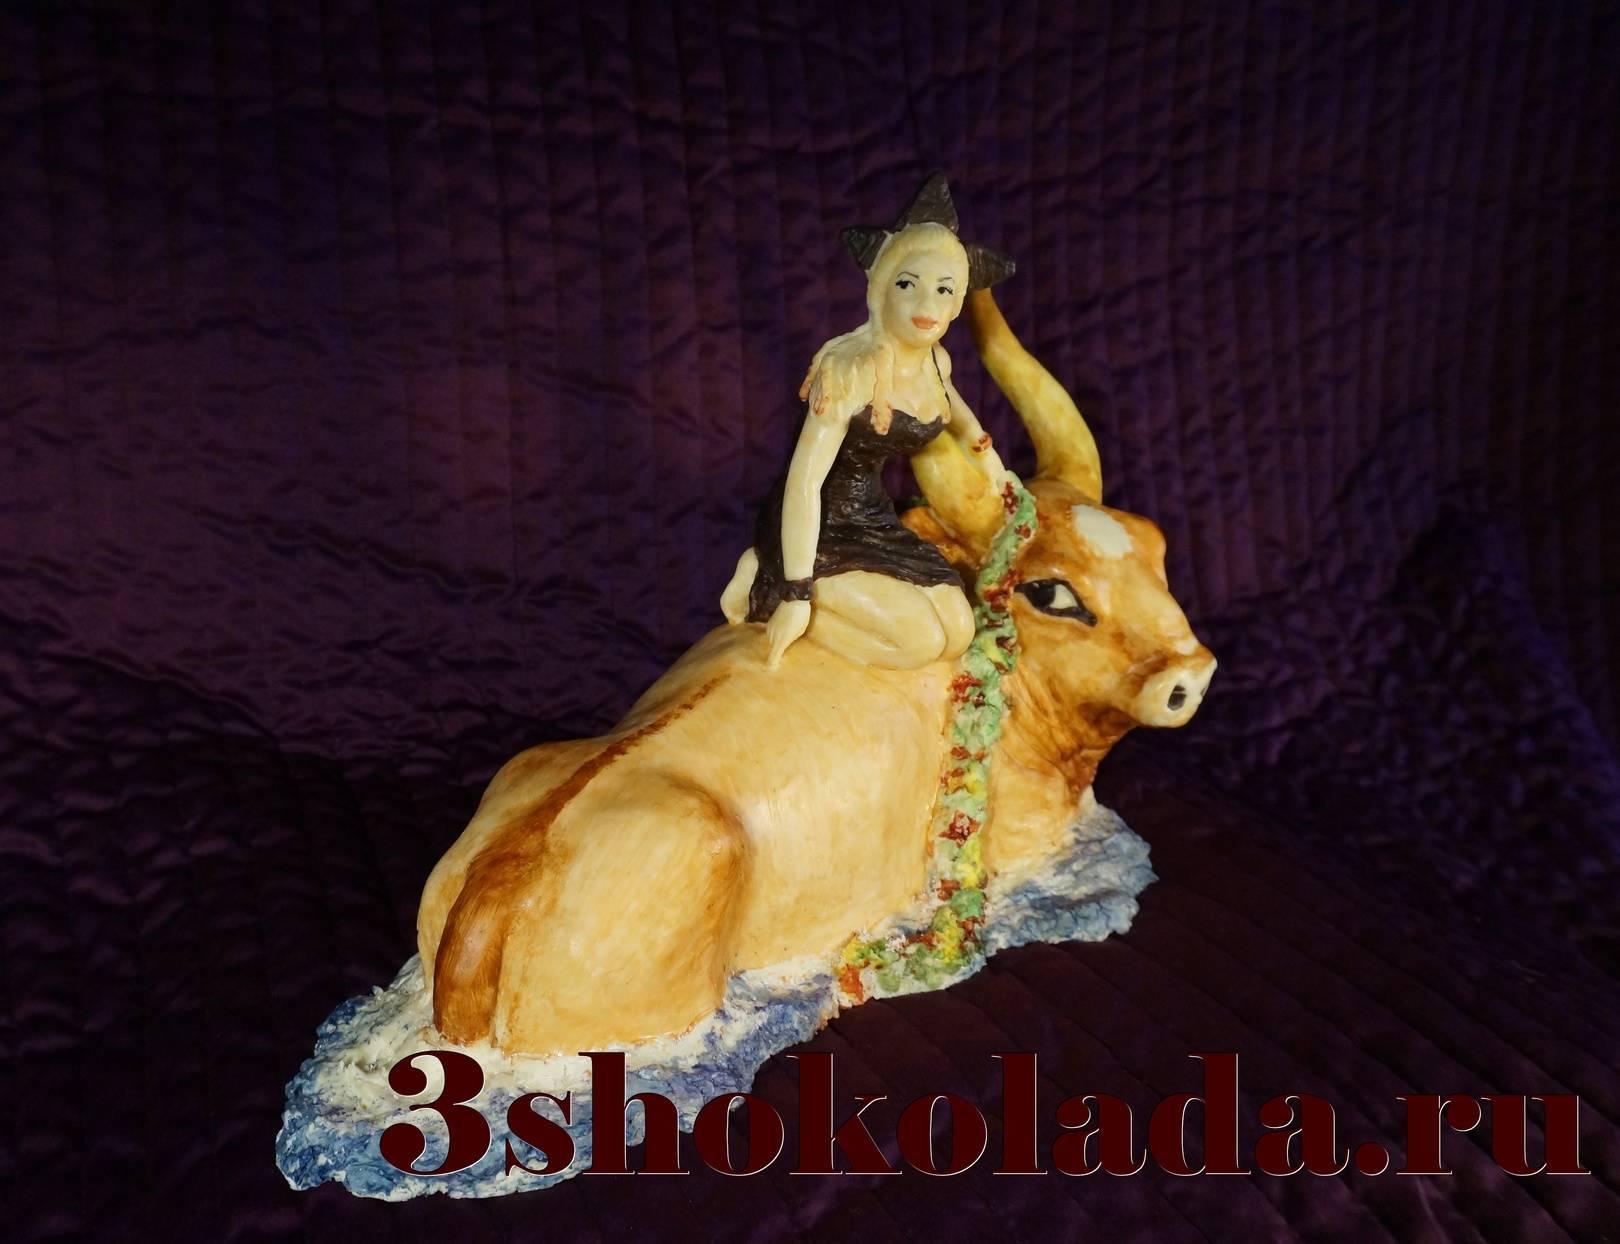 Скульптурная авторская копия знаменитой картины Серова с портретом одной девушки, 5 кг белого шоколада, высота около 35см